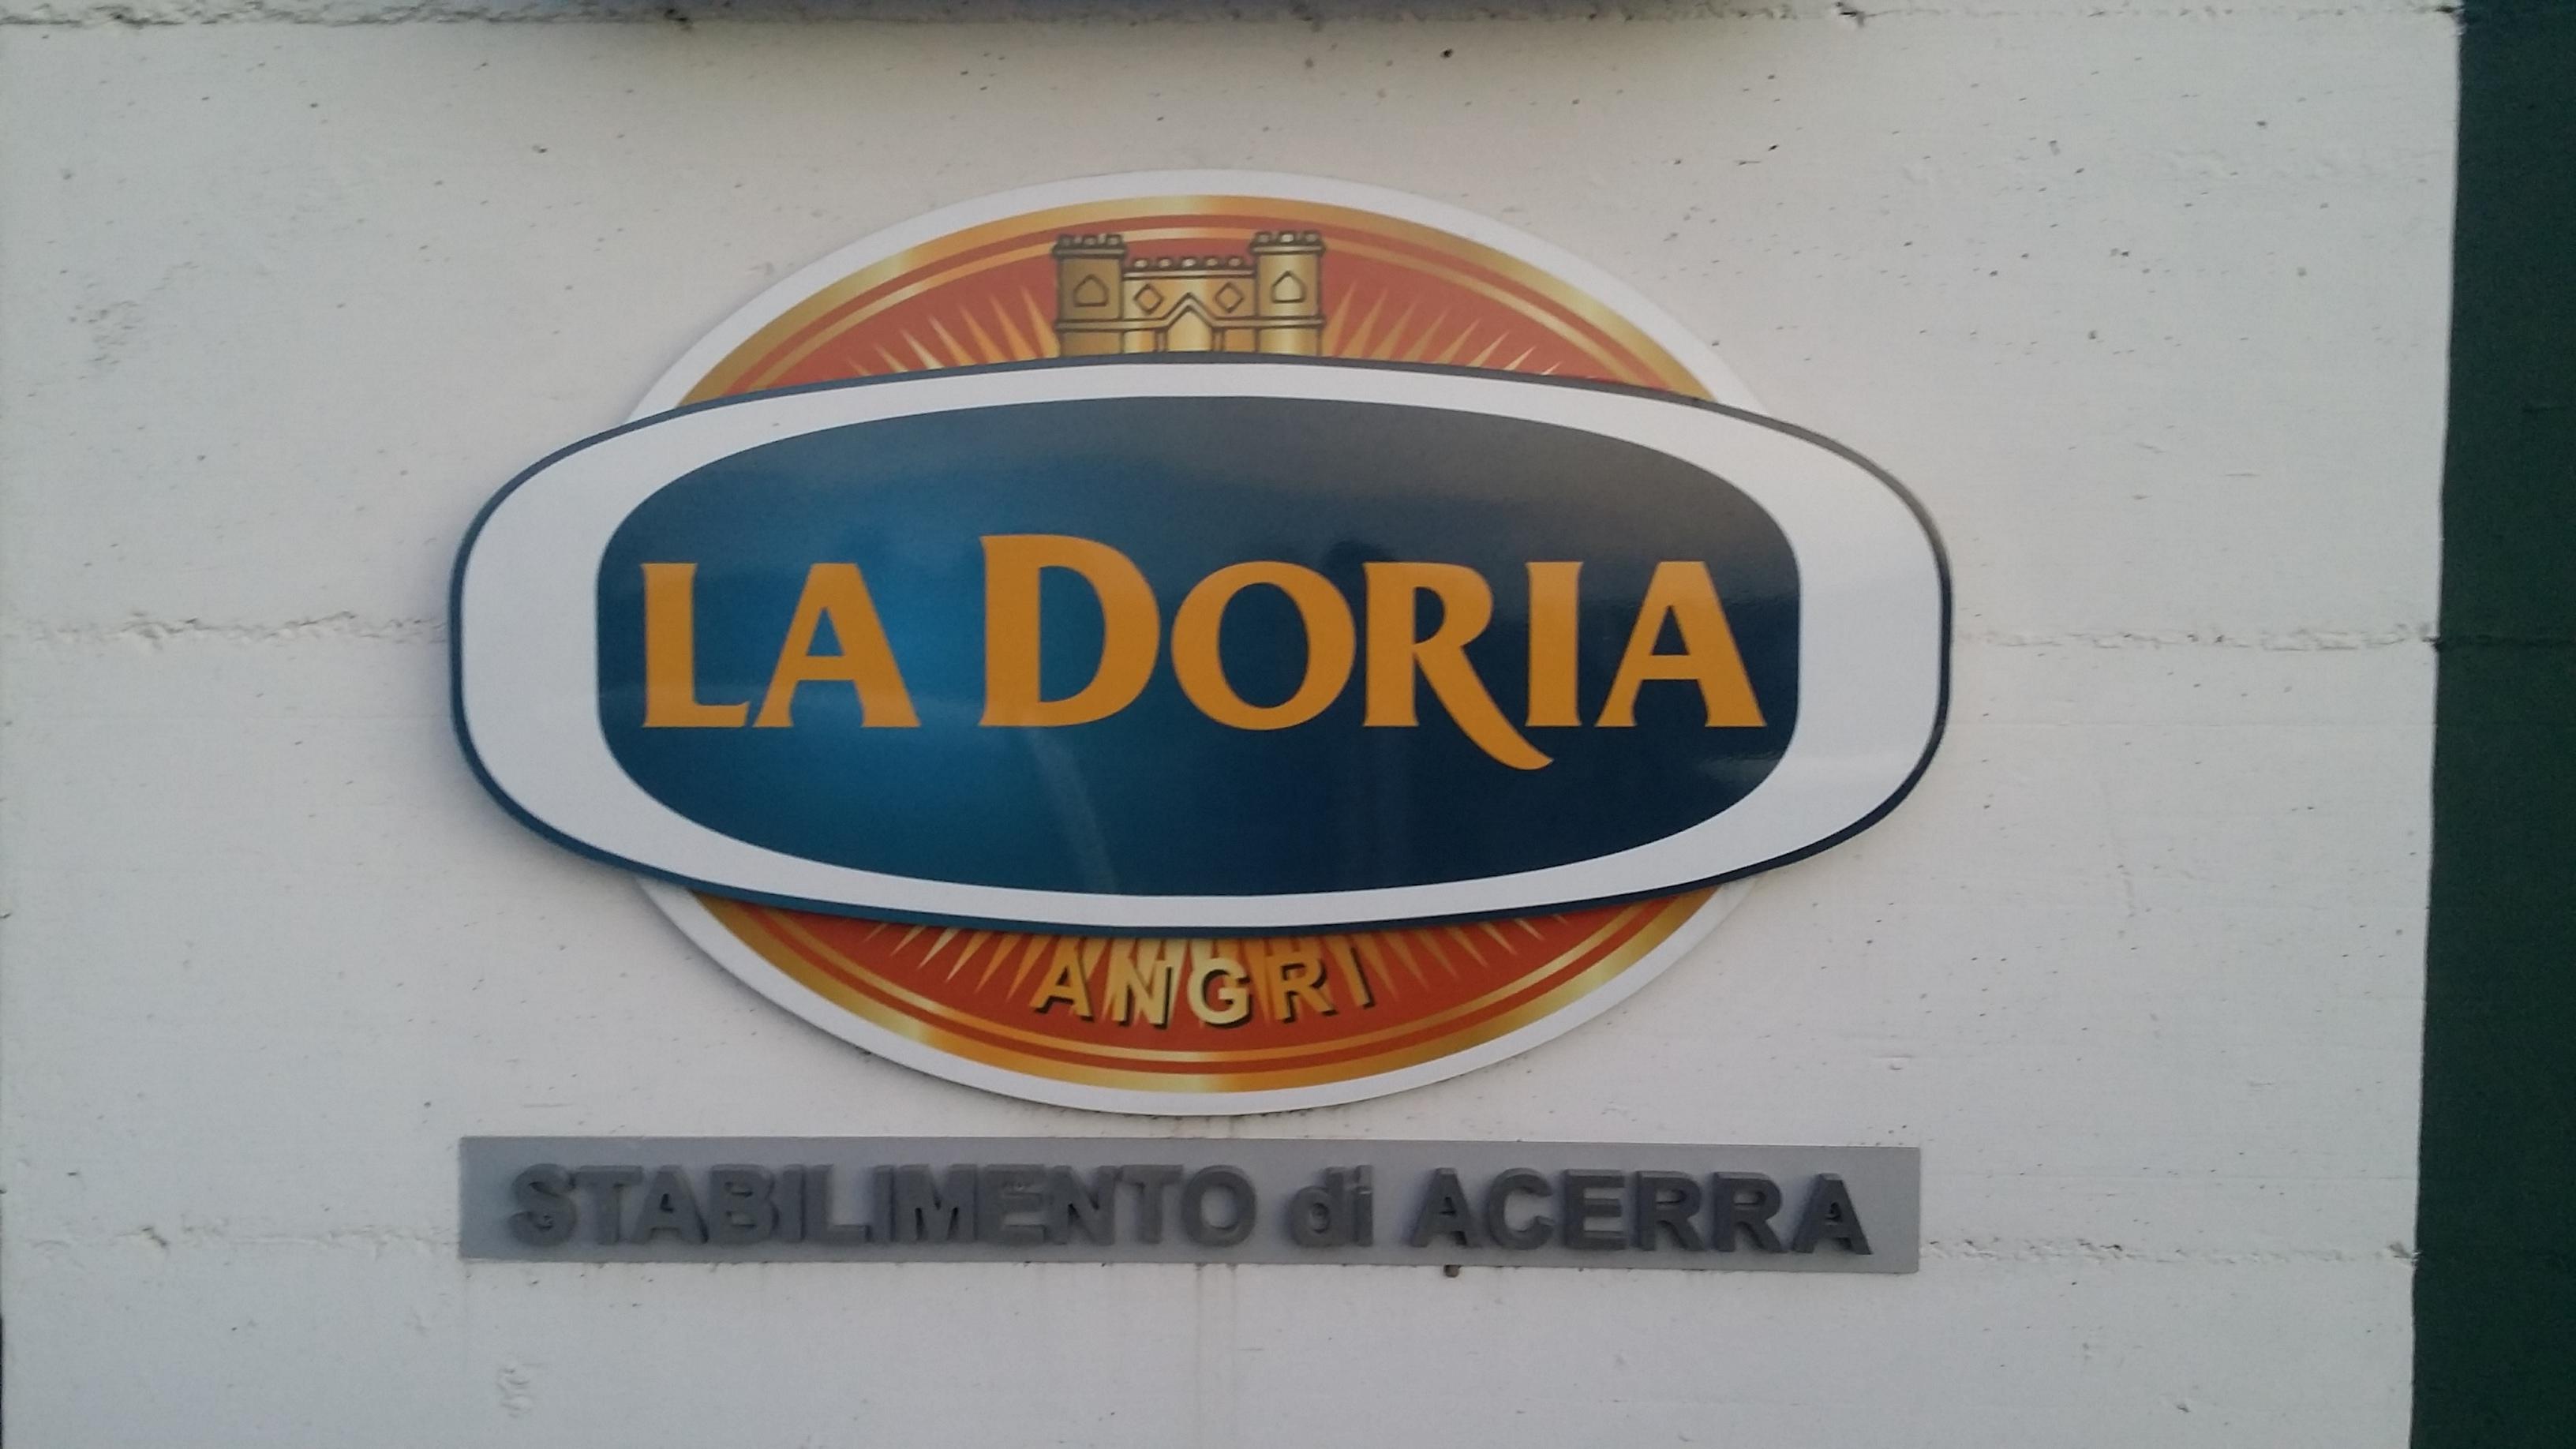 La Doria Acerra